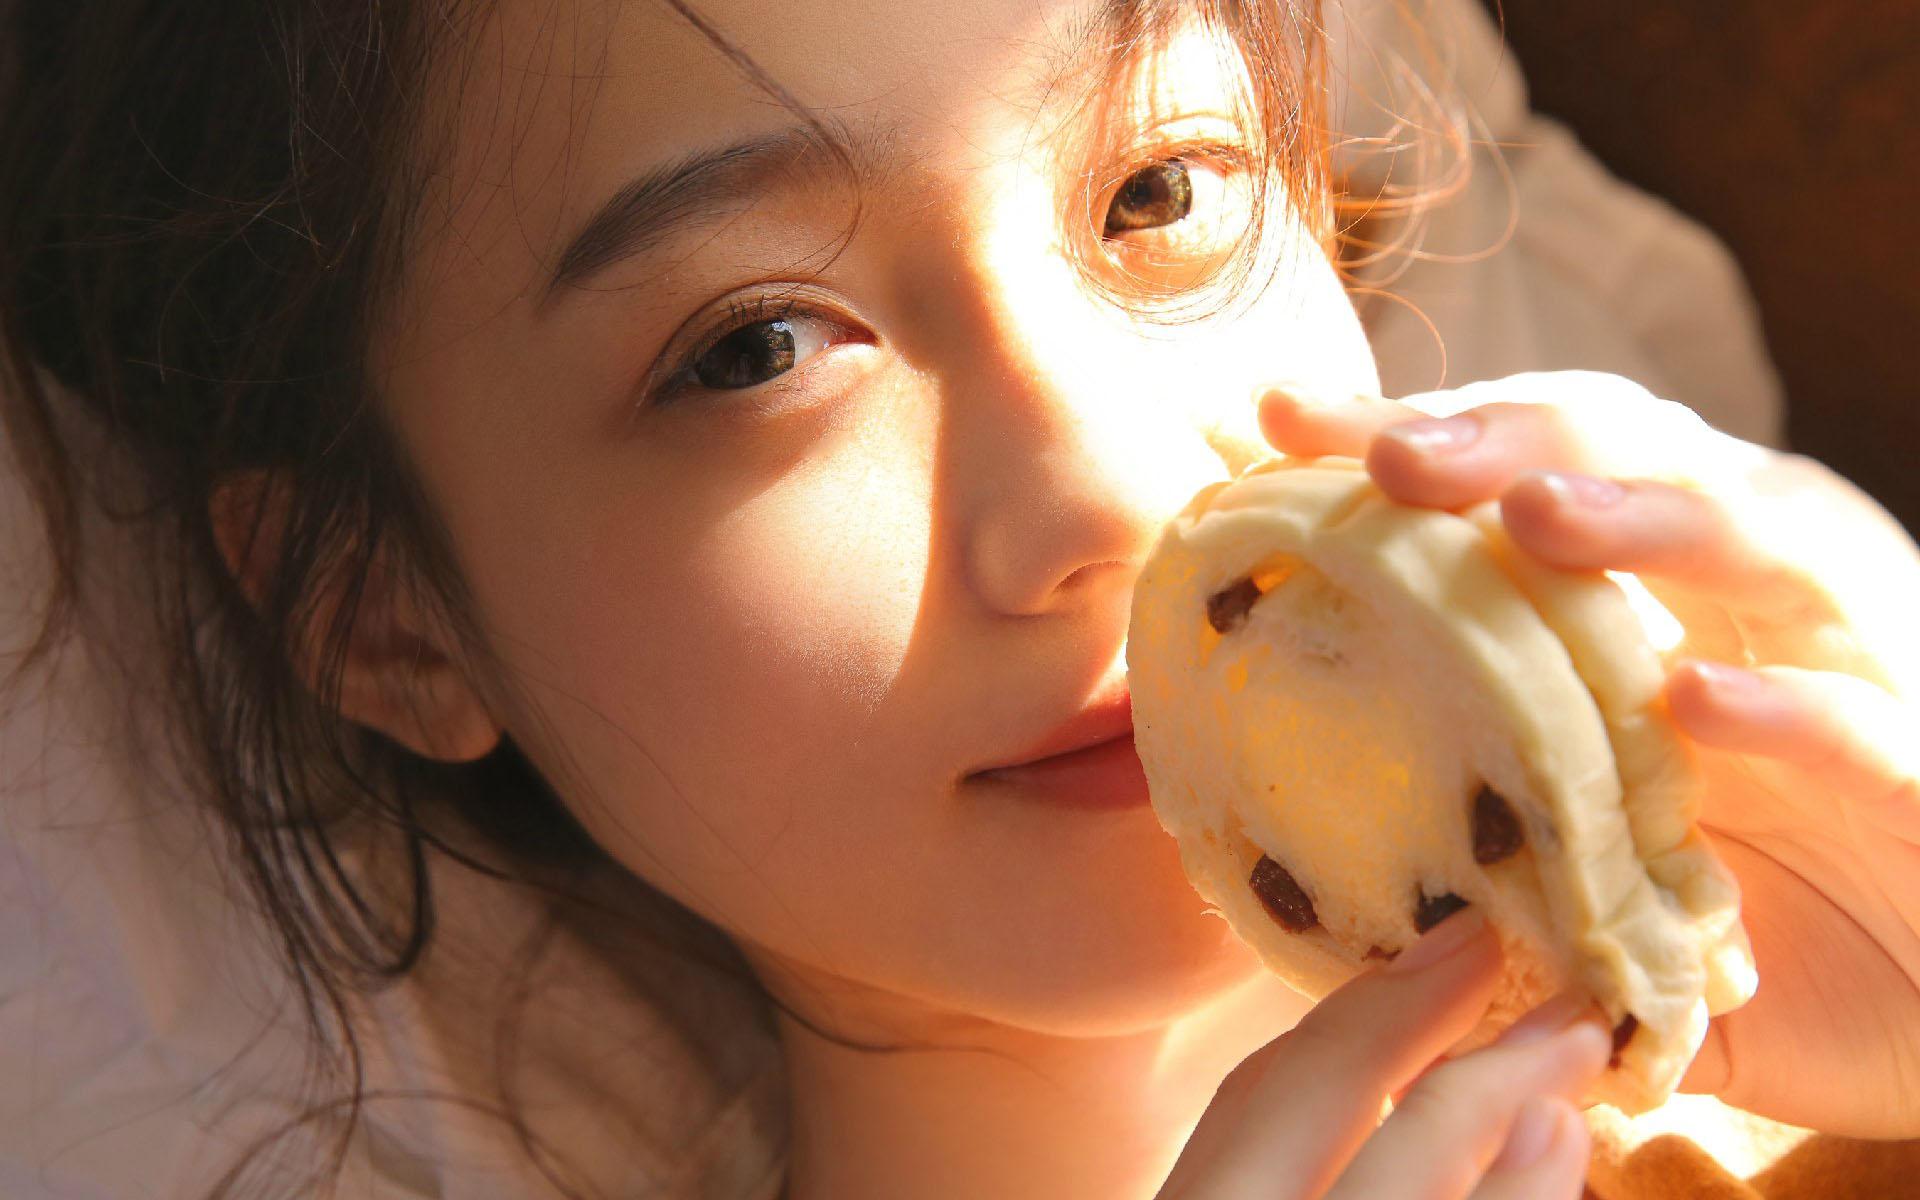 江亦霏小说《伤心爱情守则》全文免费阅读 伤心爱情守则免费阅读全文